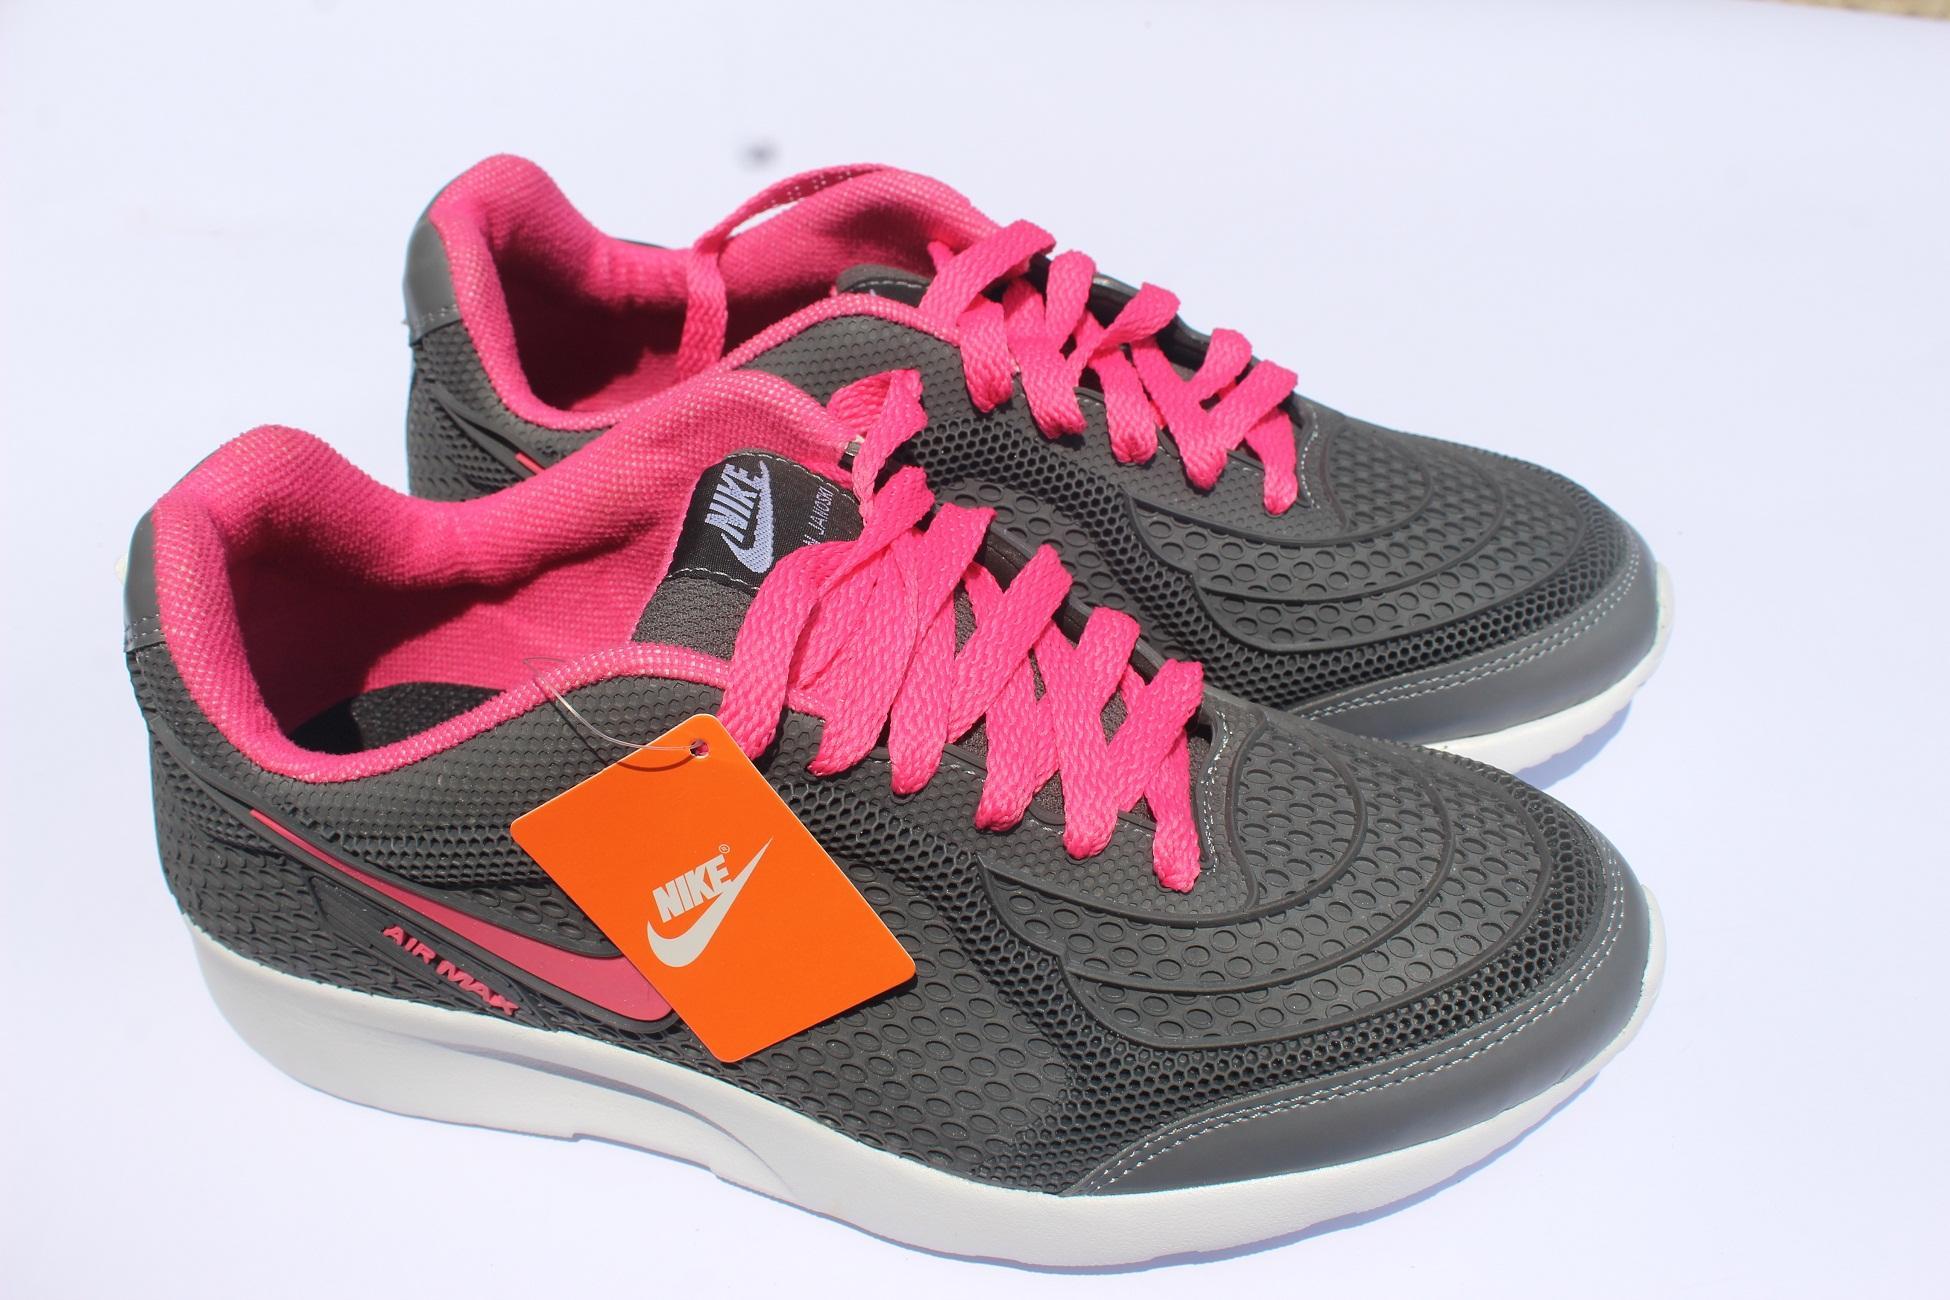 Sepatu pria wanita   sepatu casual murah   sepatu sport promo   sepatu  kekinian   sepatu a5dadaf901